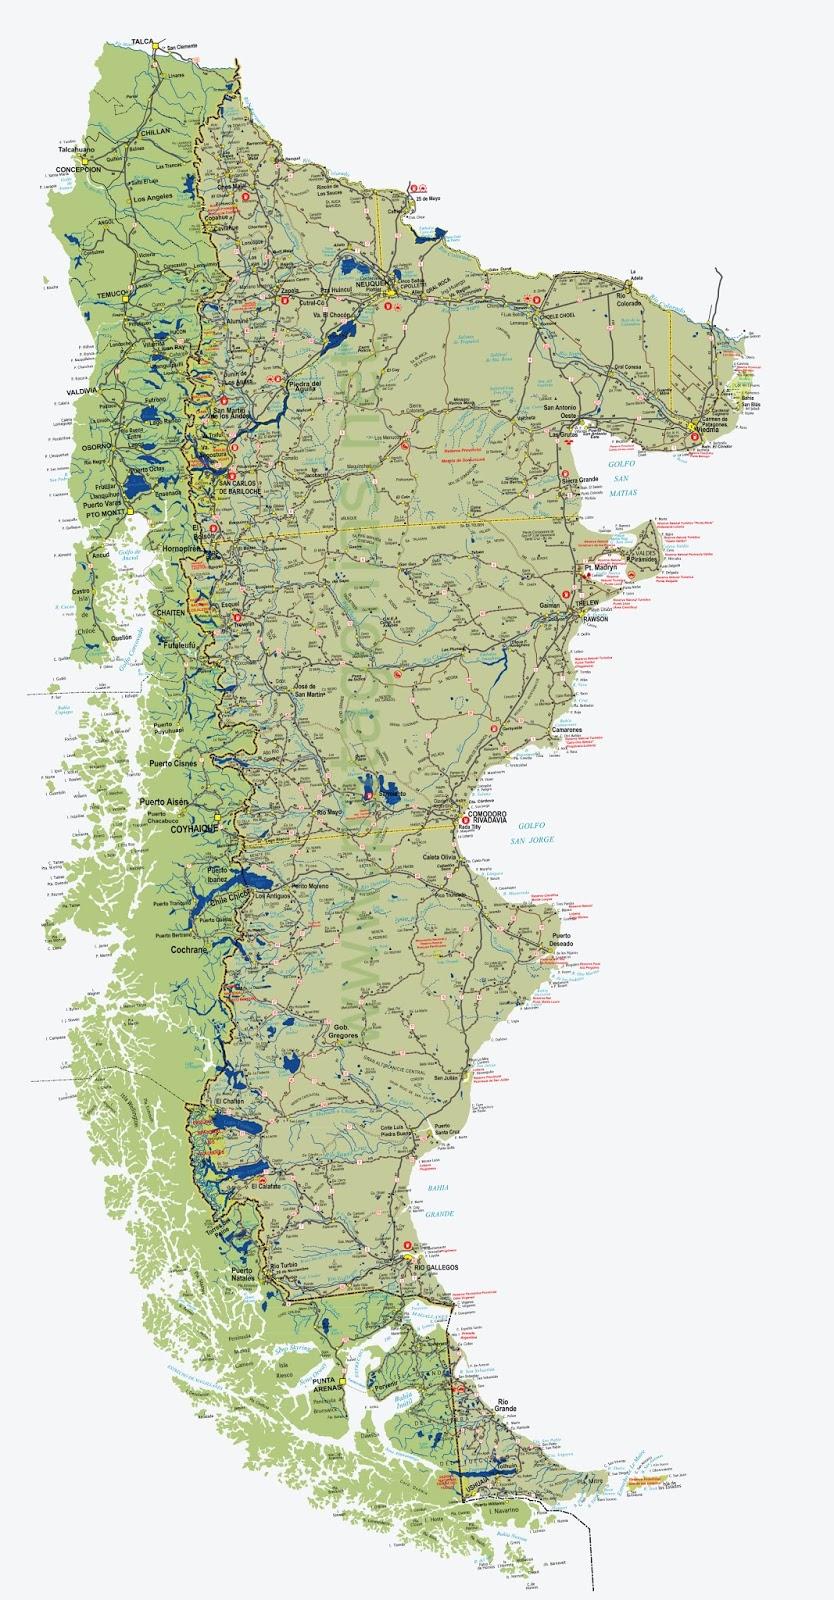 Patagonia-Argentina-51